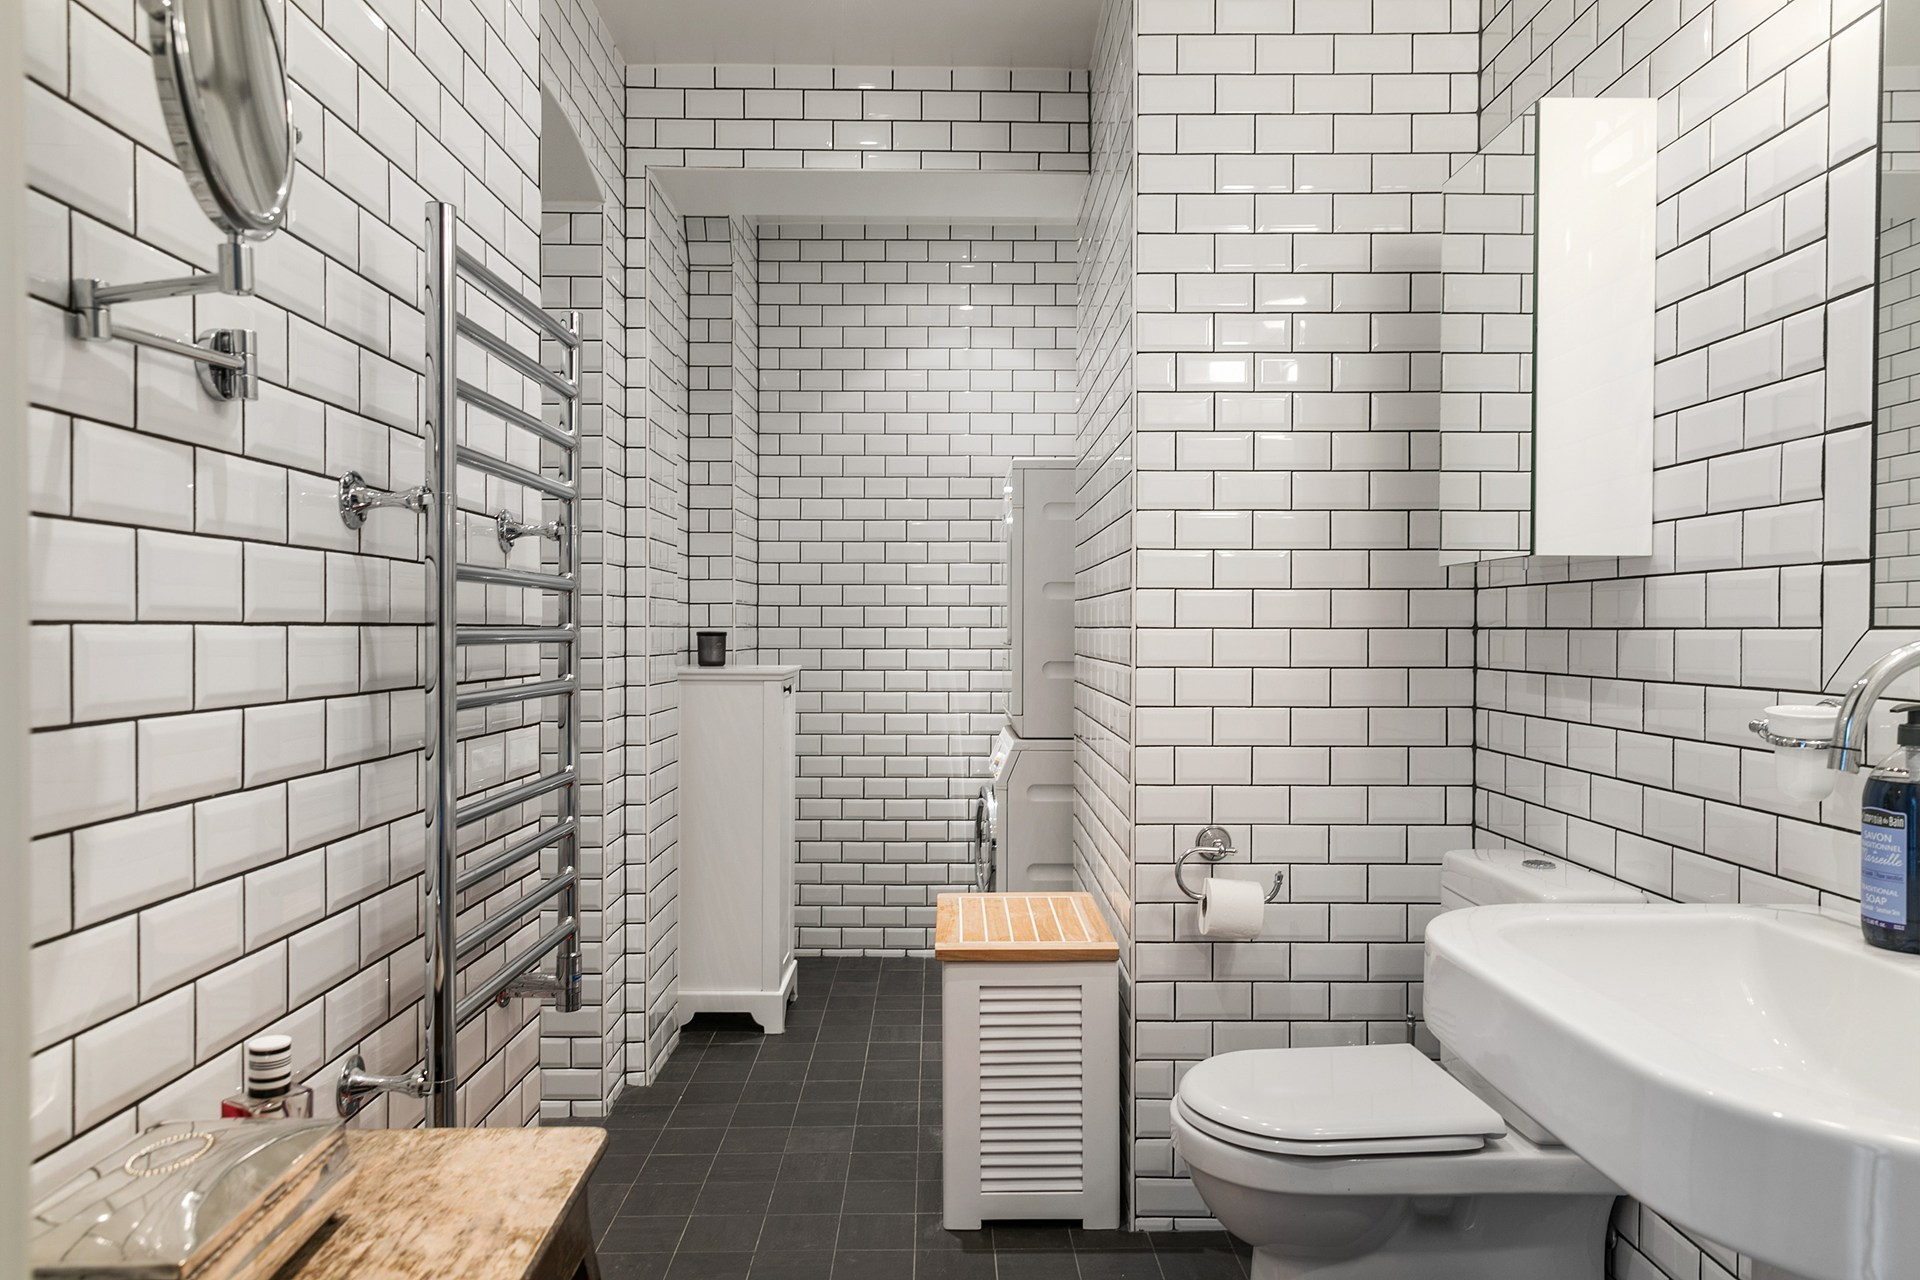 санузел душ полотенцесушитель белая плитка кабанчик